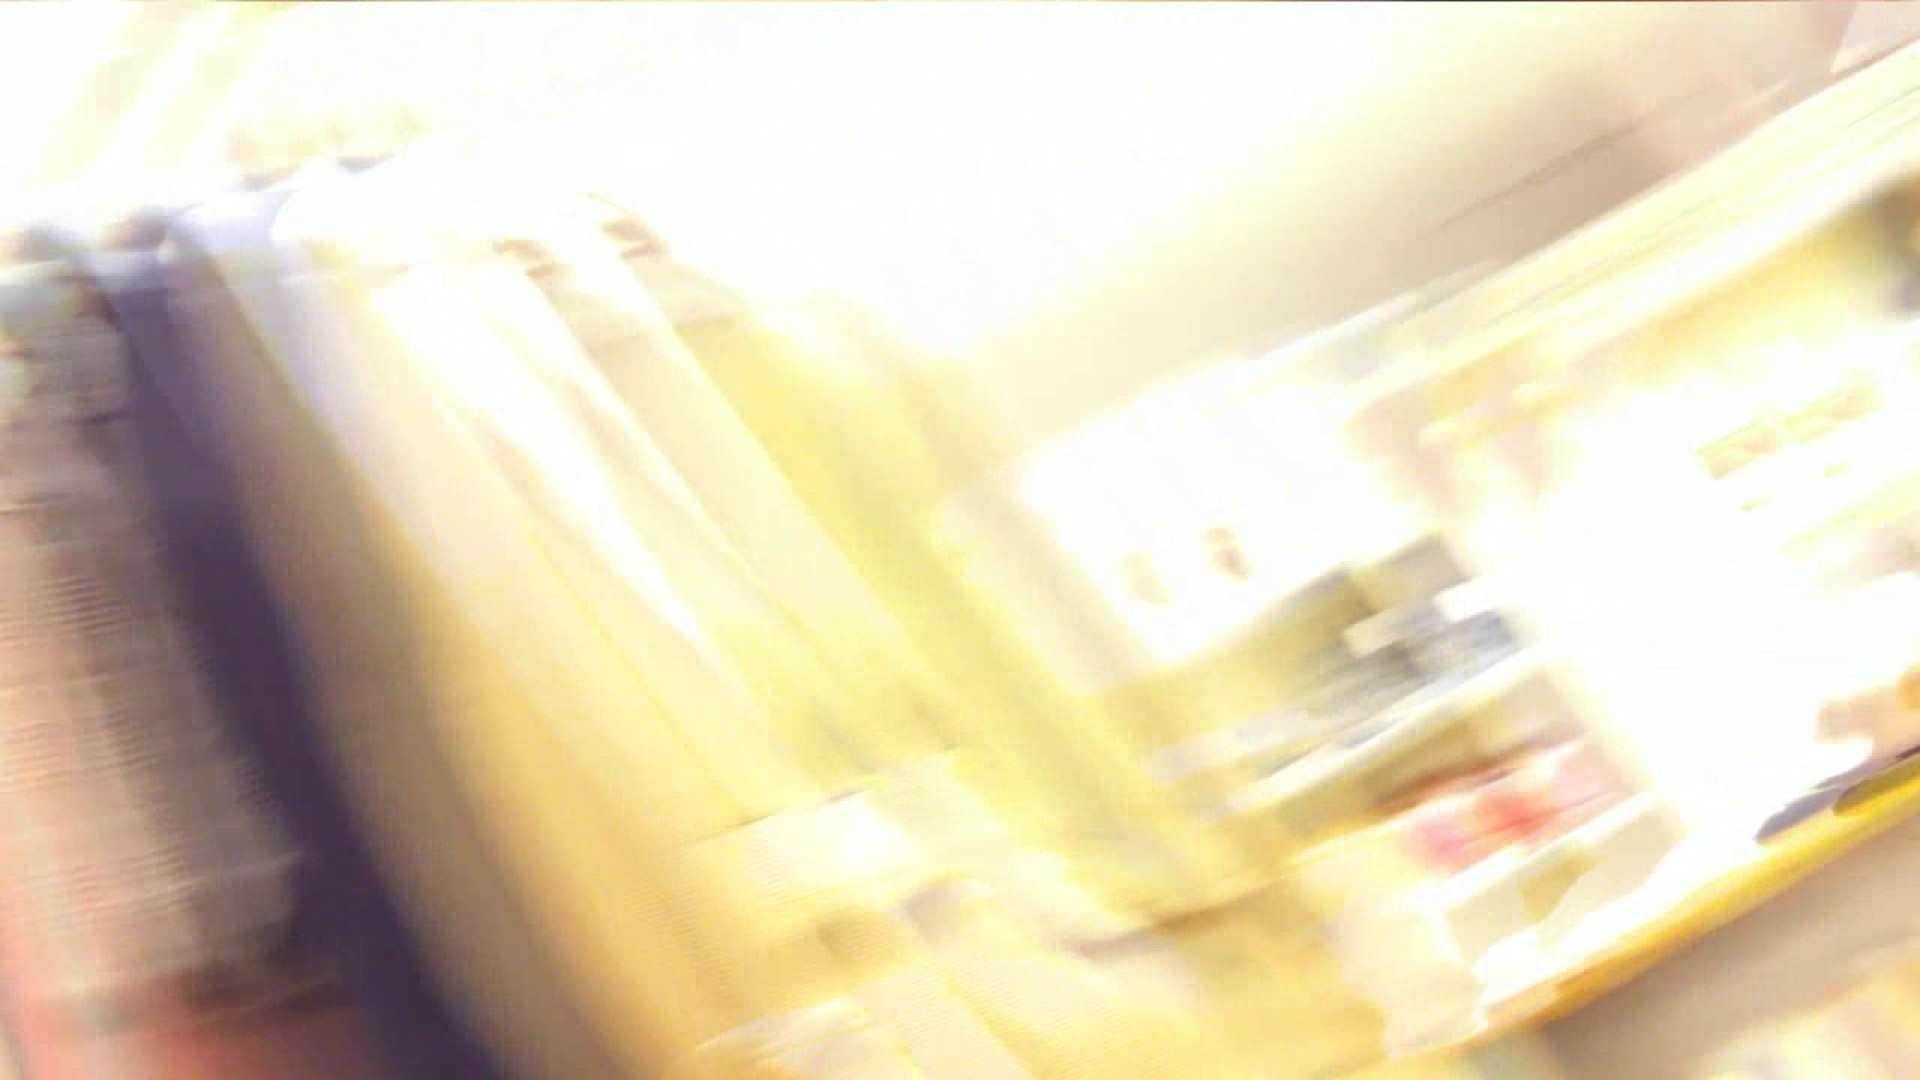 あれこのショップ‼あのカリスマ店員‼今日は黒パンツ‼ 接写 女性器鑑賞 100画像 92